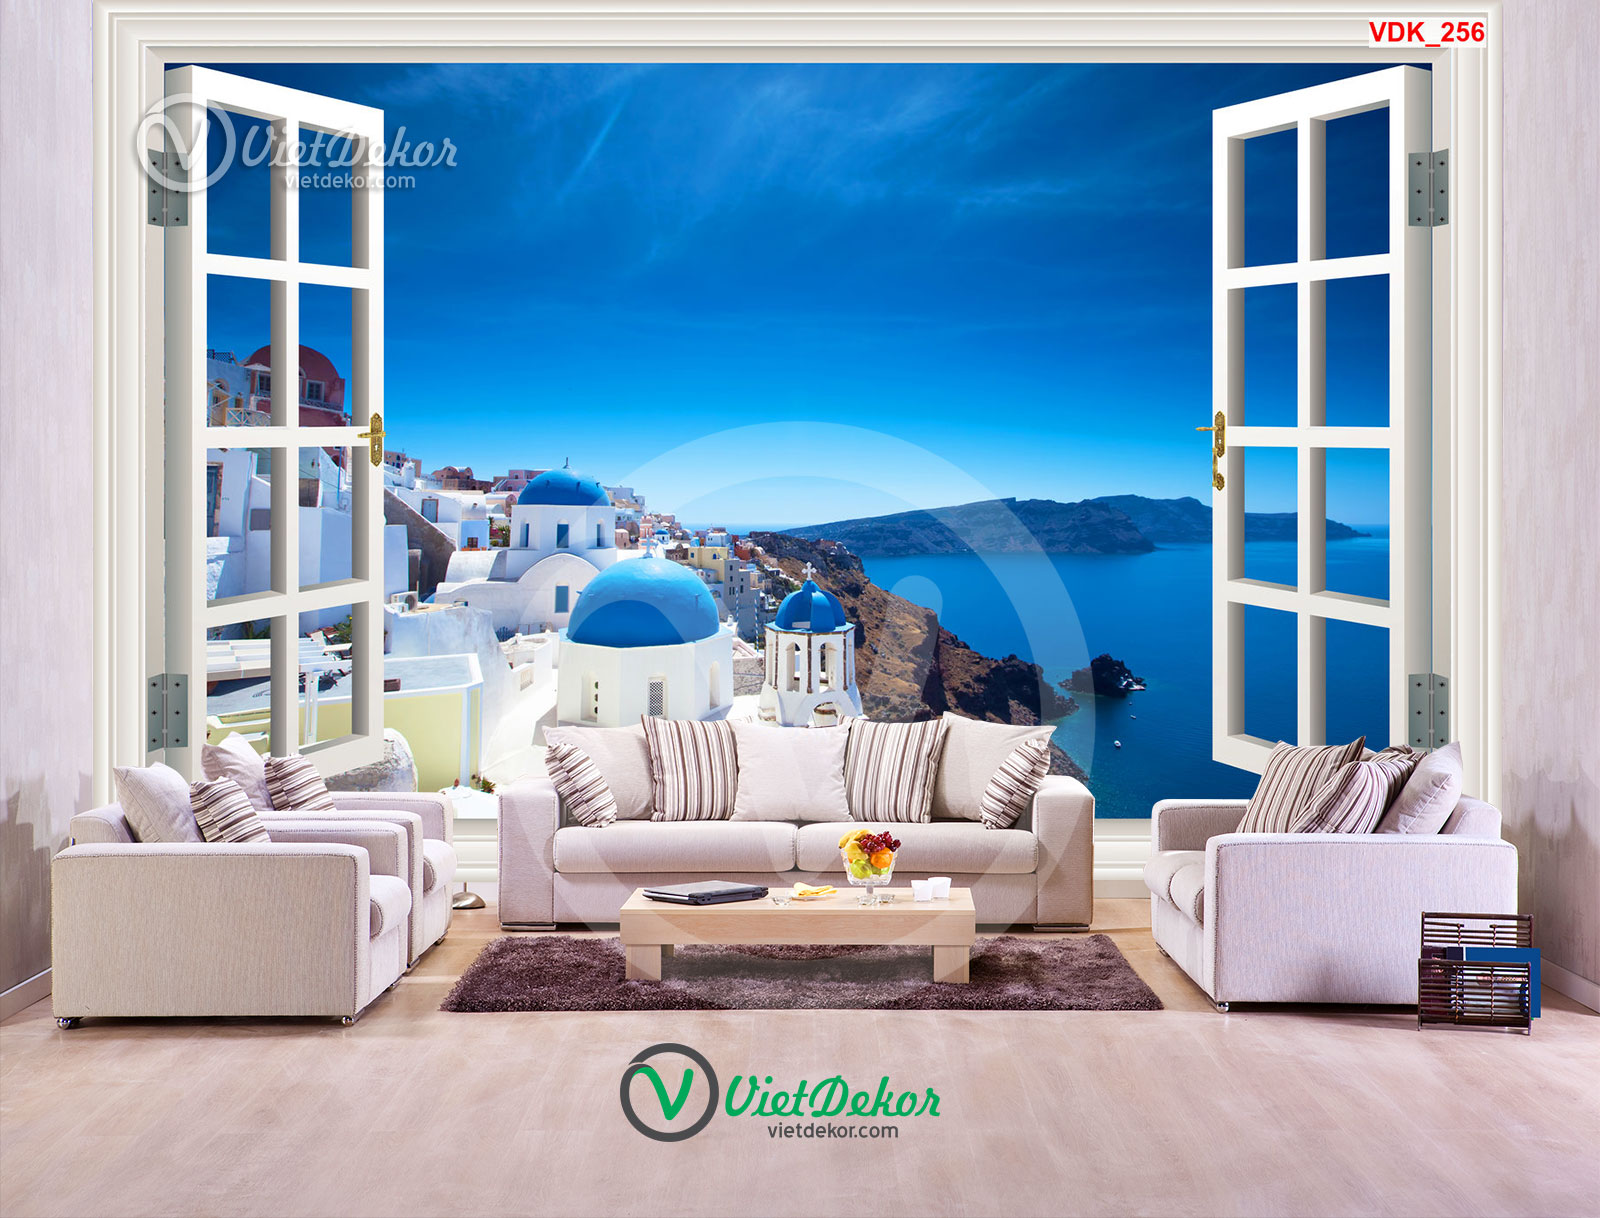 Tranh 3d dán tường cửa sổ